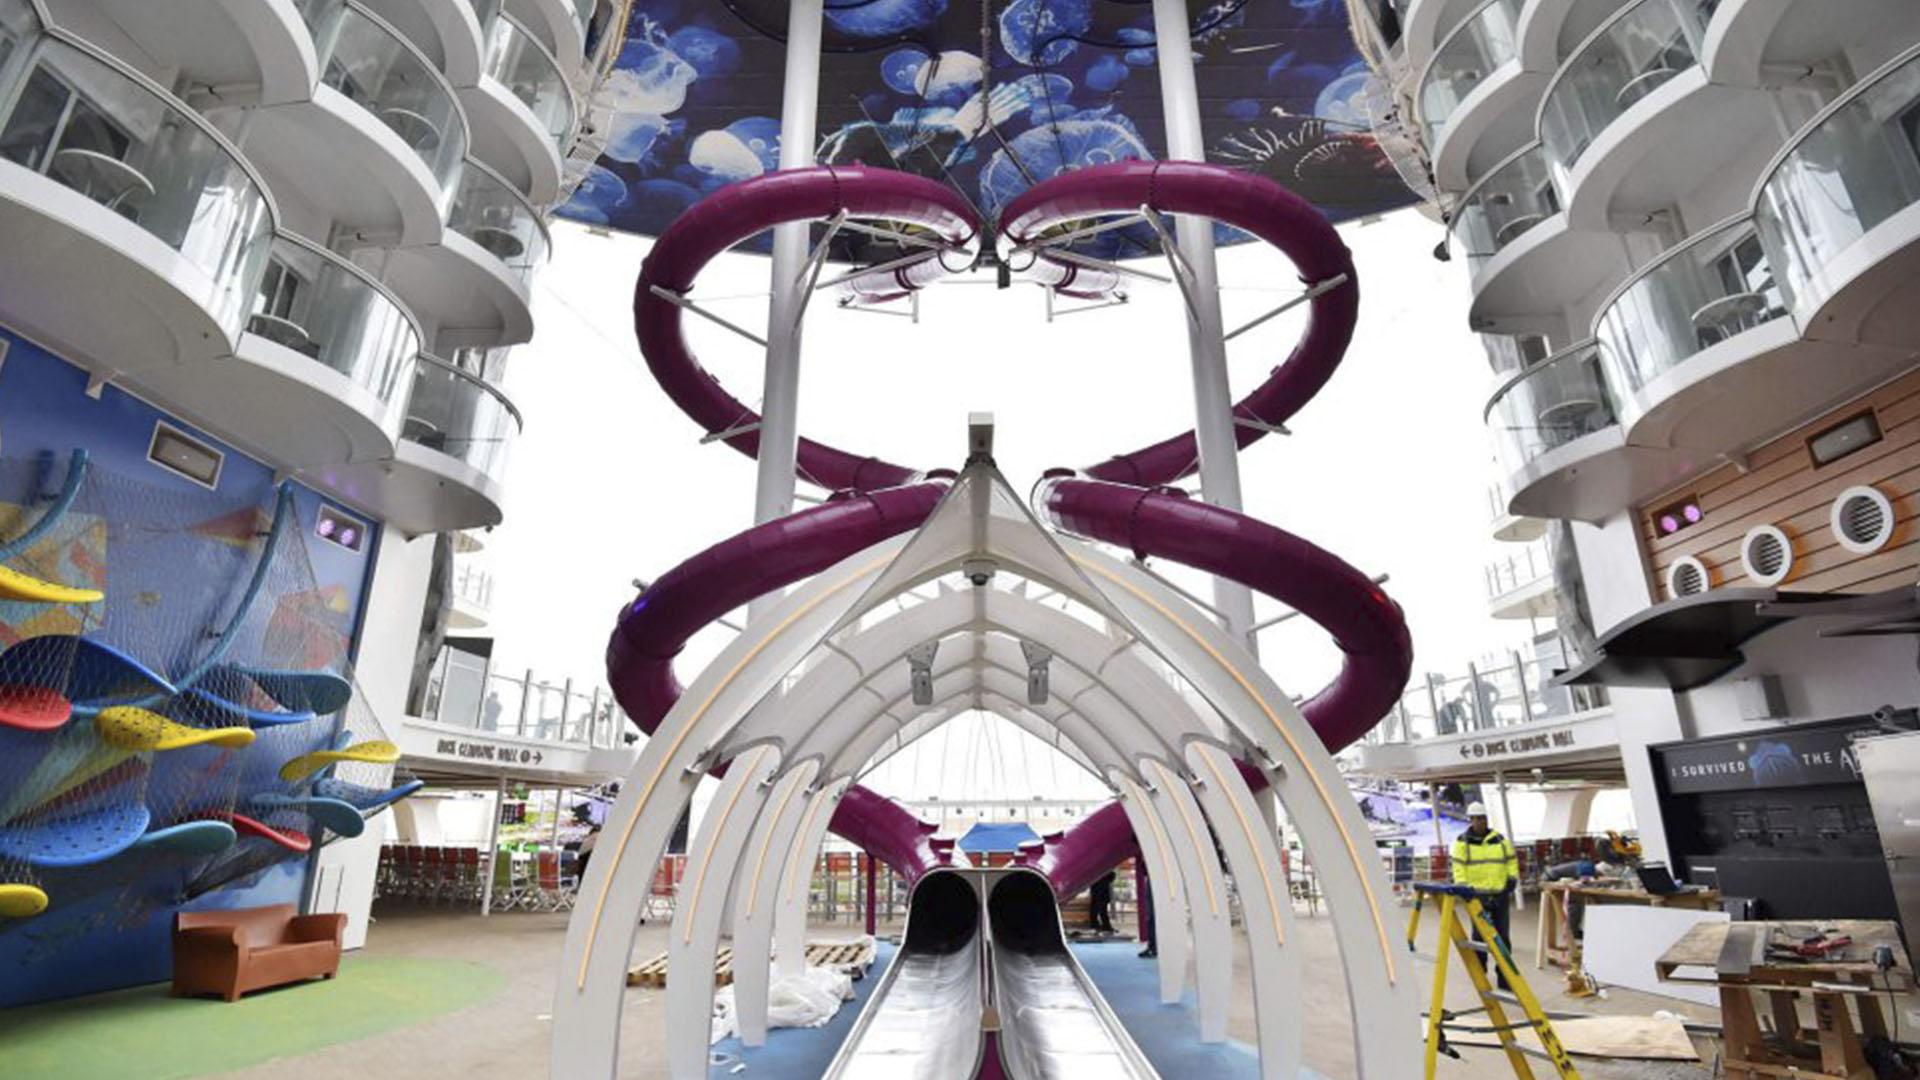 Posee el tobogán más alto en barcos y dos rocódromos de unos 13 metros de alto